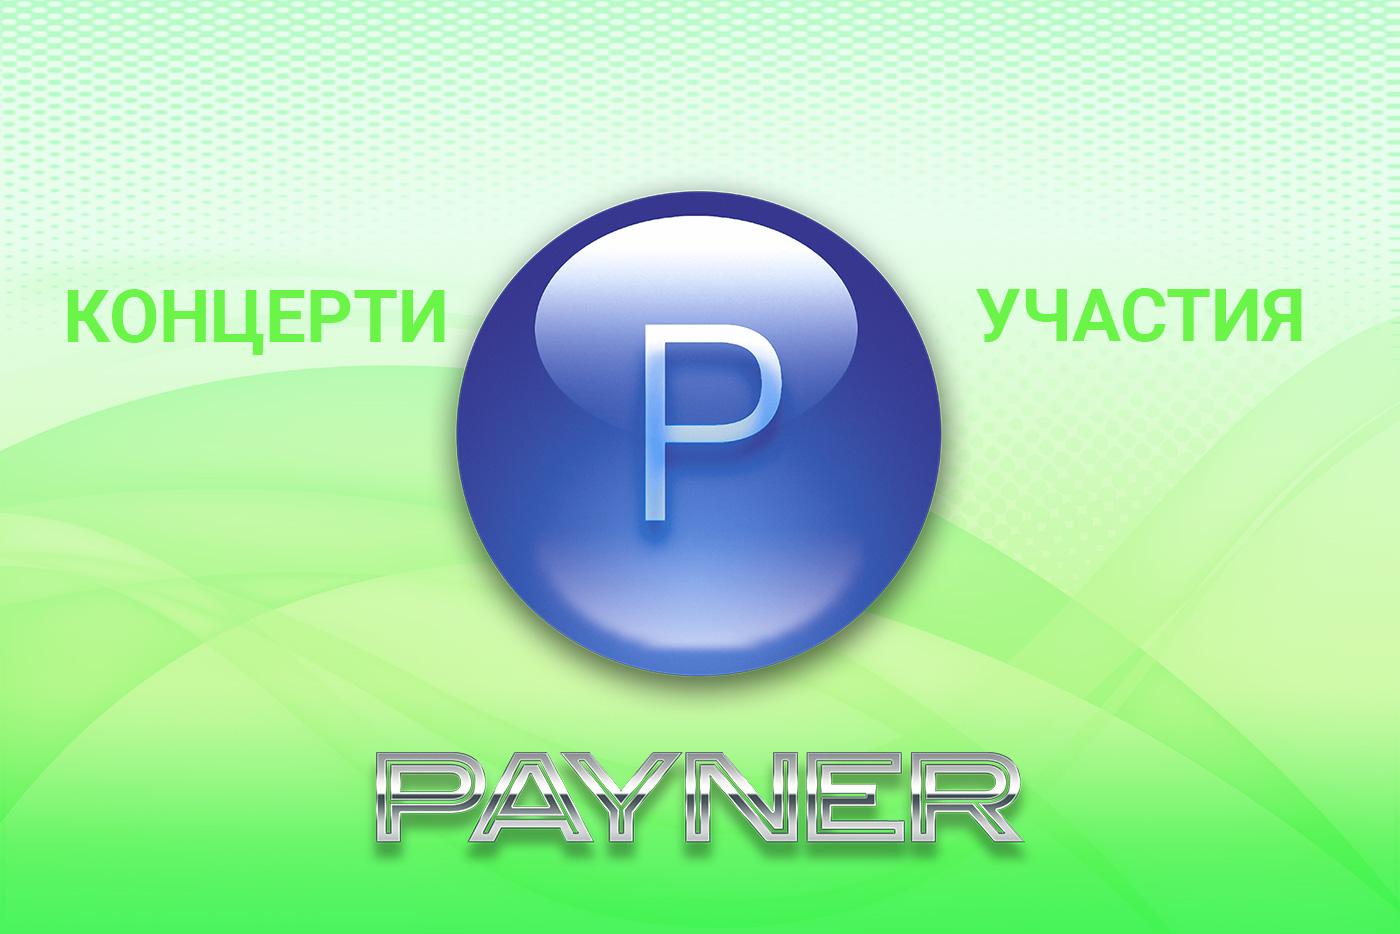 """Участия на звездите на """"Пайнер"""" на 24.10.2019"""